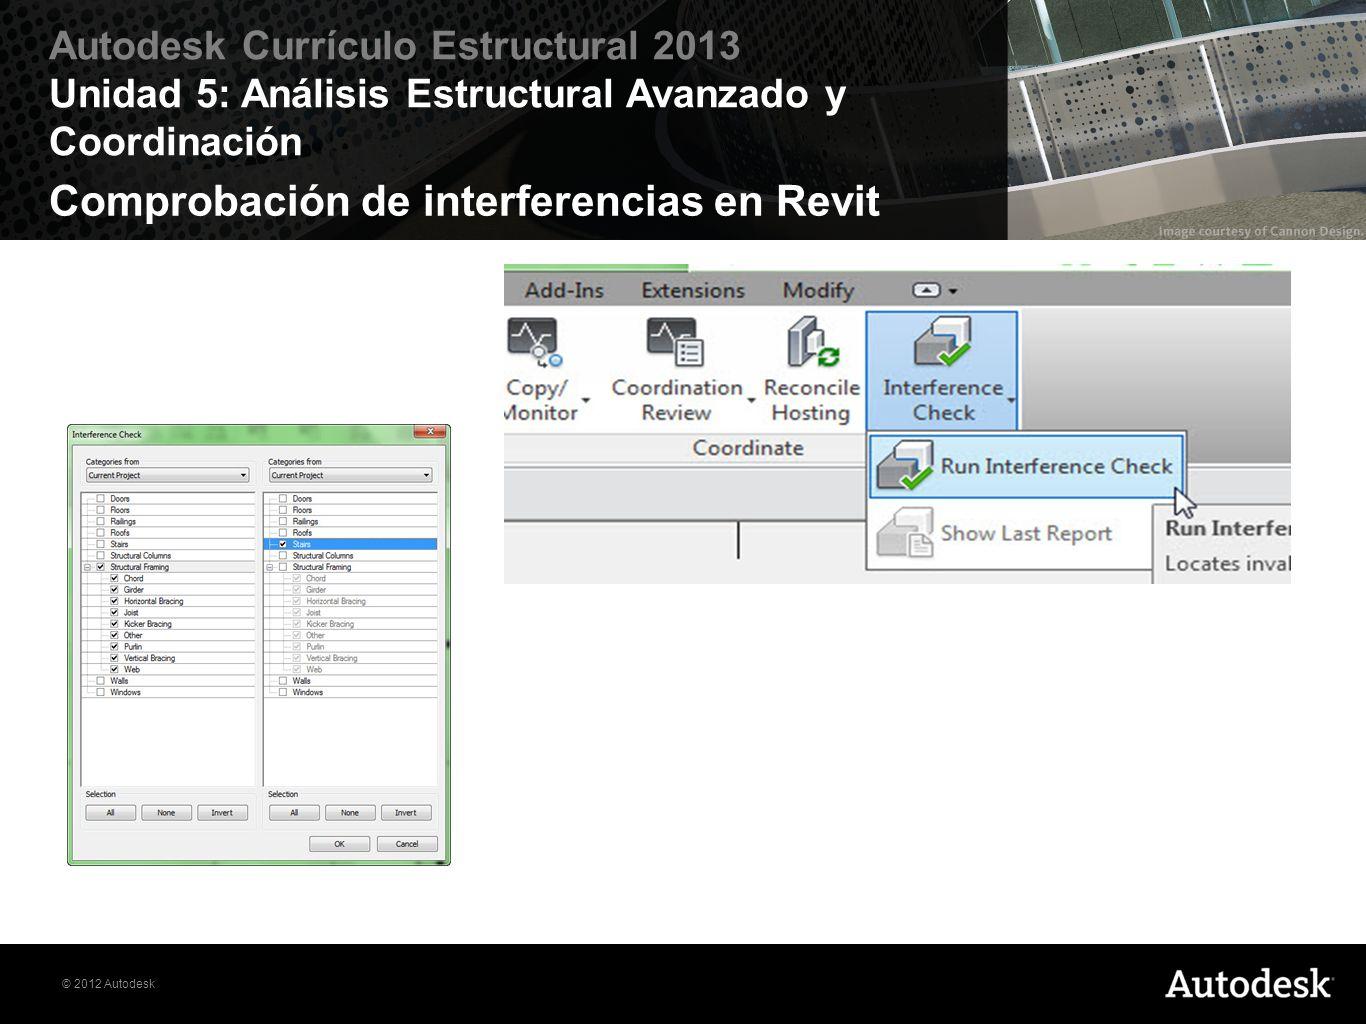 © 2012 Autodesk Autodesk Currículo Estructural 2013 Unidad 5: Análisis Estructural Avanzado y Coordinación Comprobación de interferencias en Revit